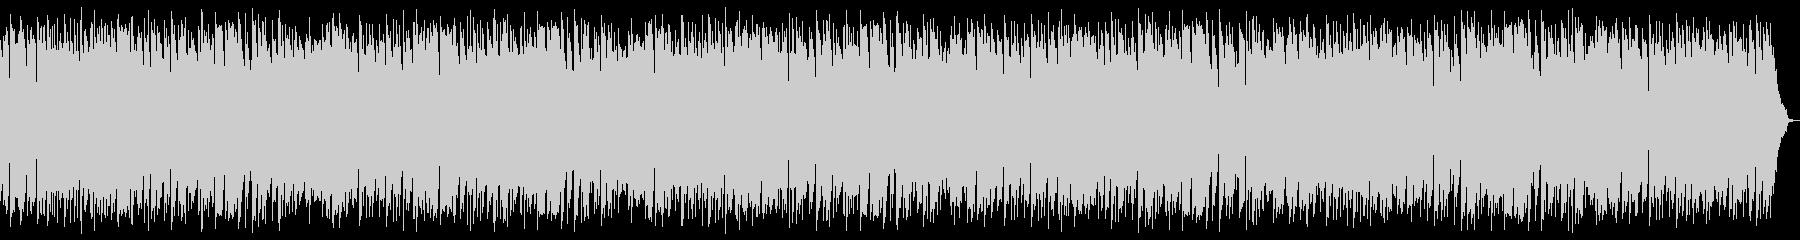 日常系BGM延々ループ3分バージョンの未再生の波形